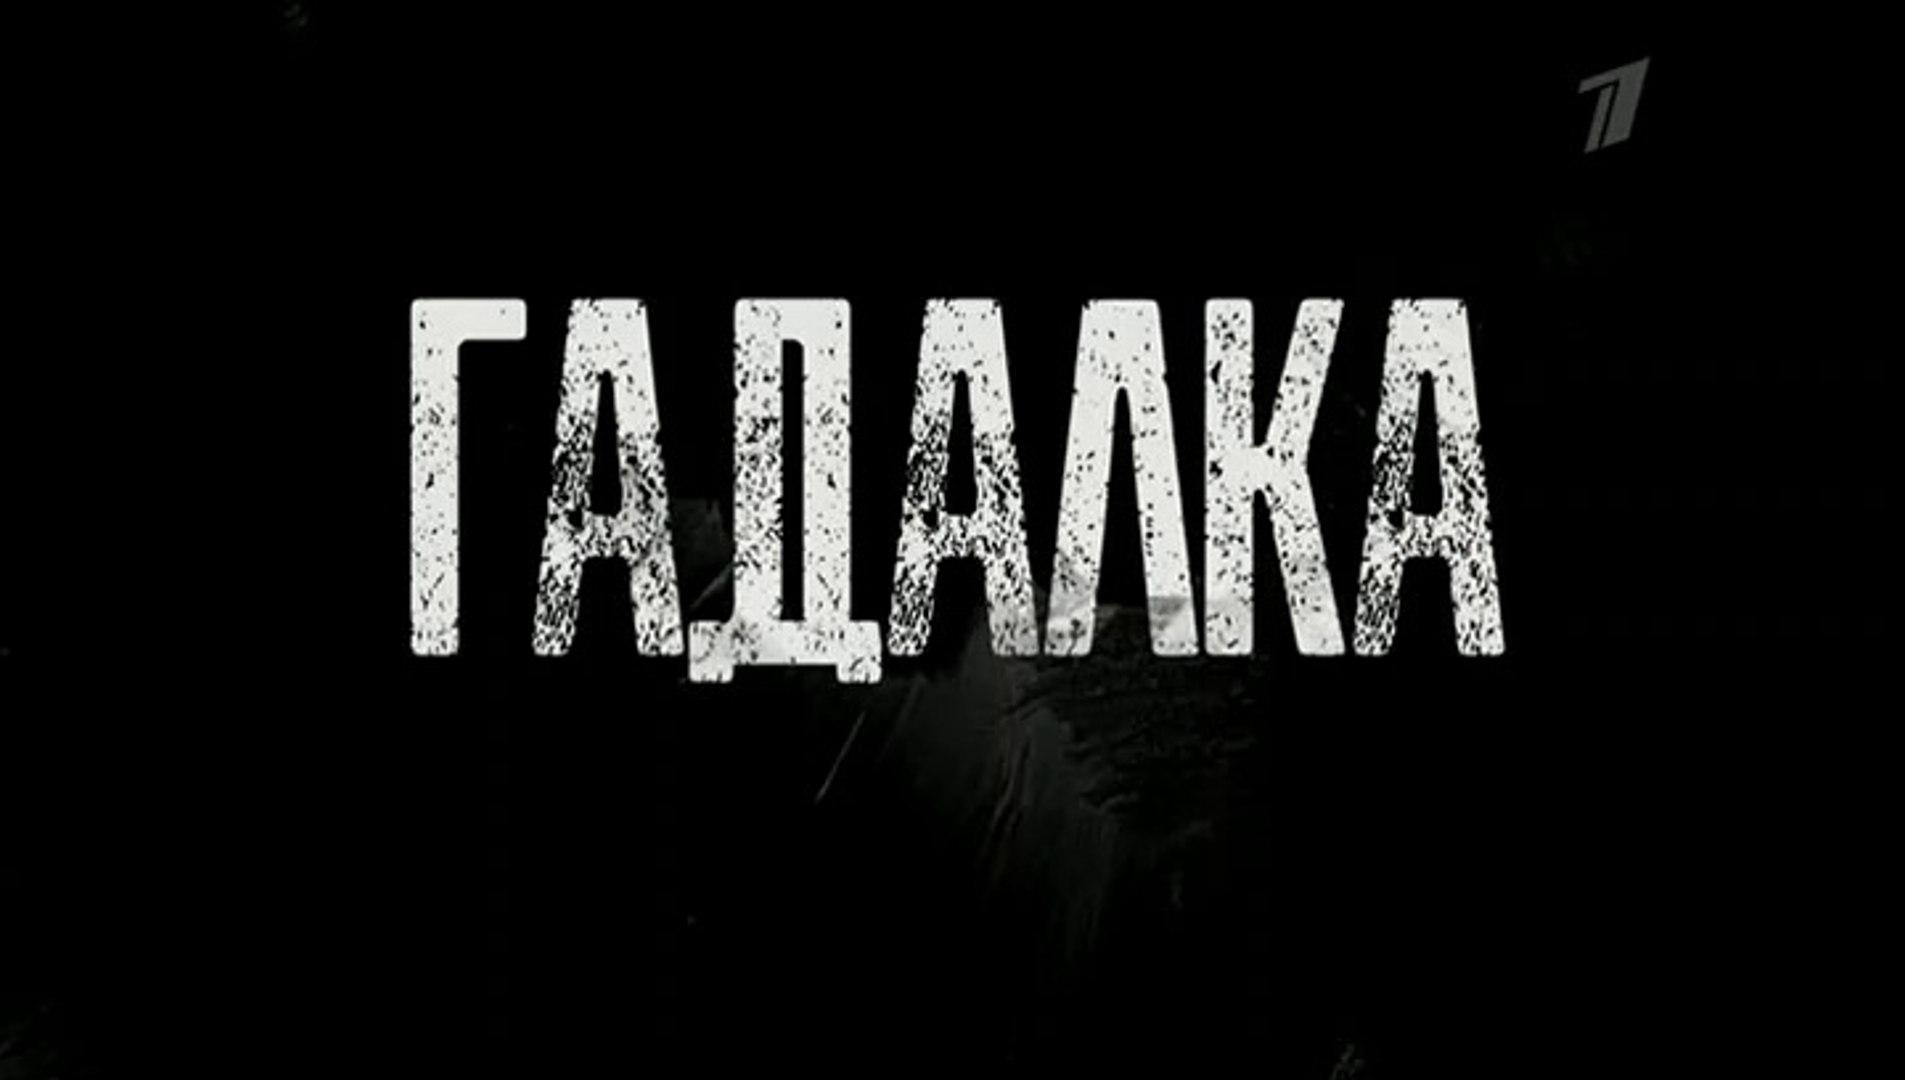 Гадалка - 16 серия (2018) смотреть онлайн (Заключительная серия)